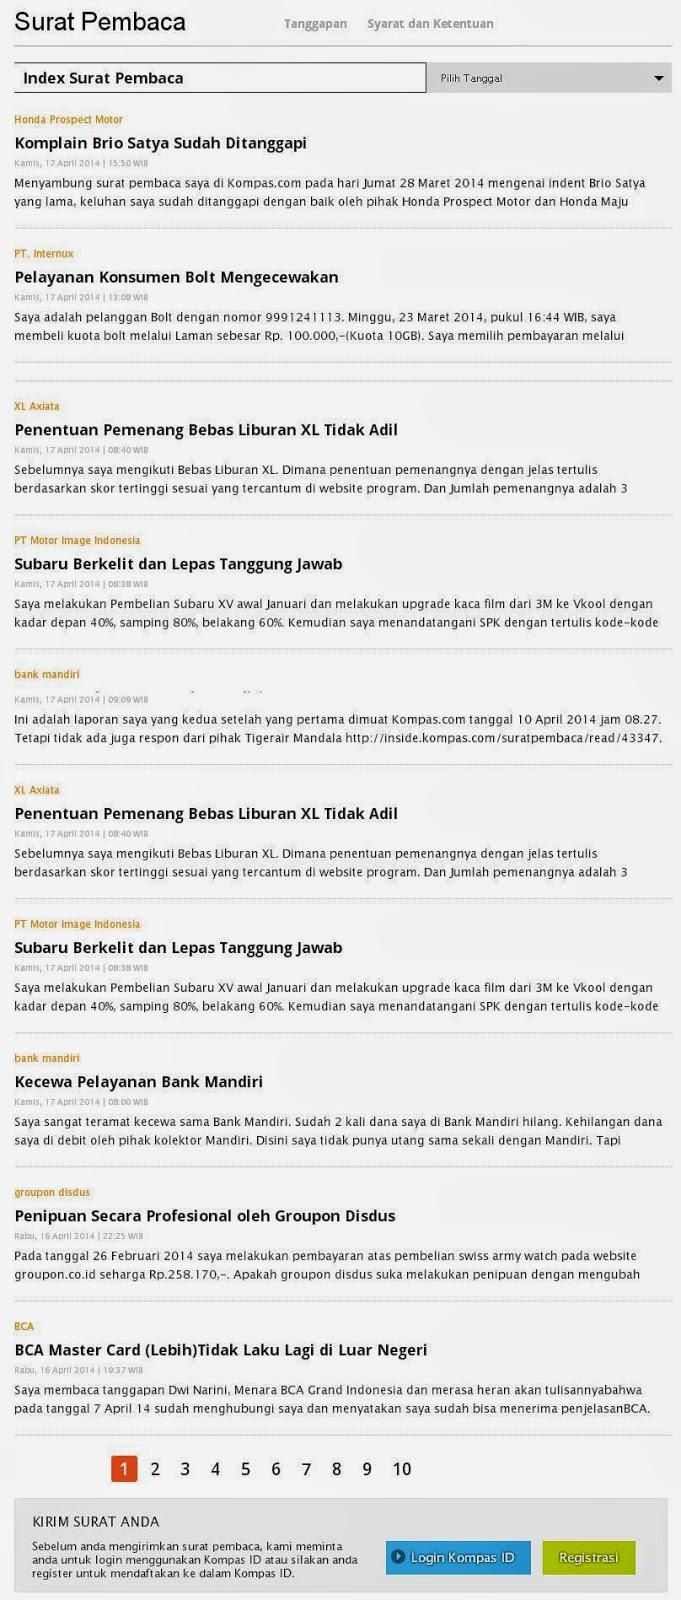 Surat Pembaca Kompas Online